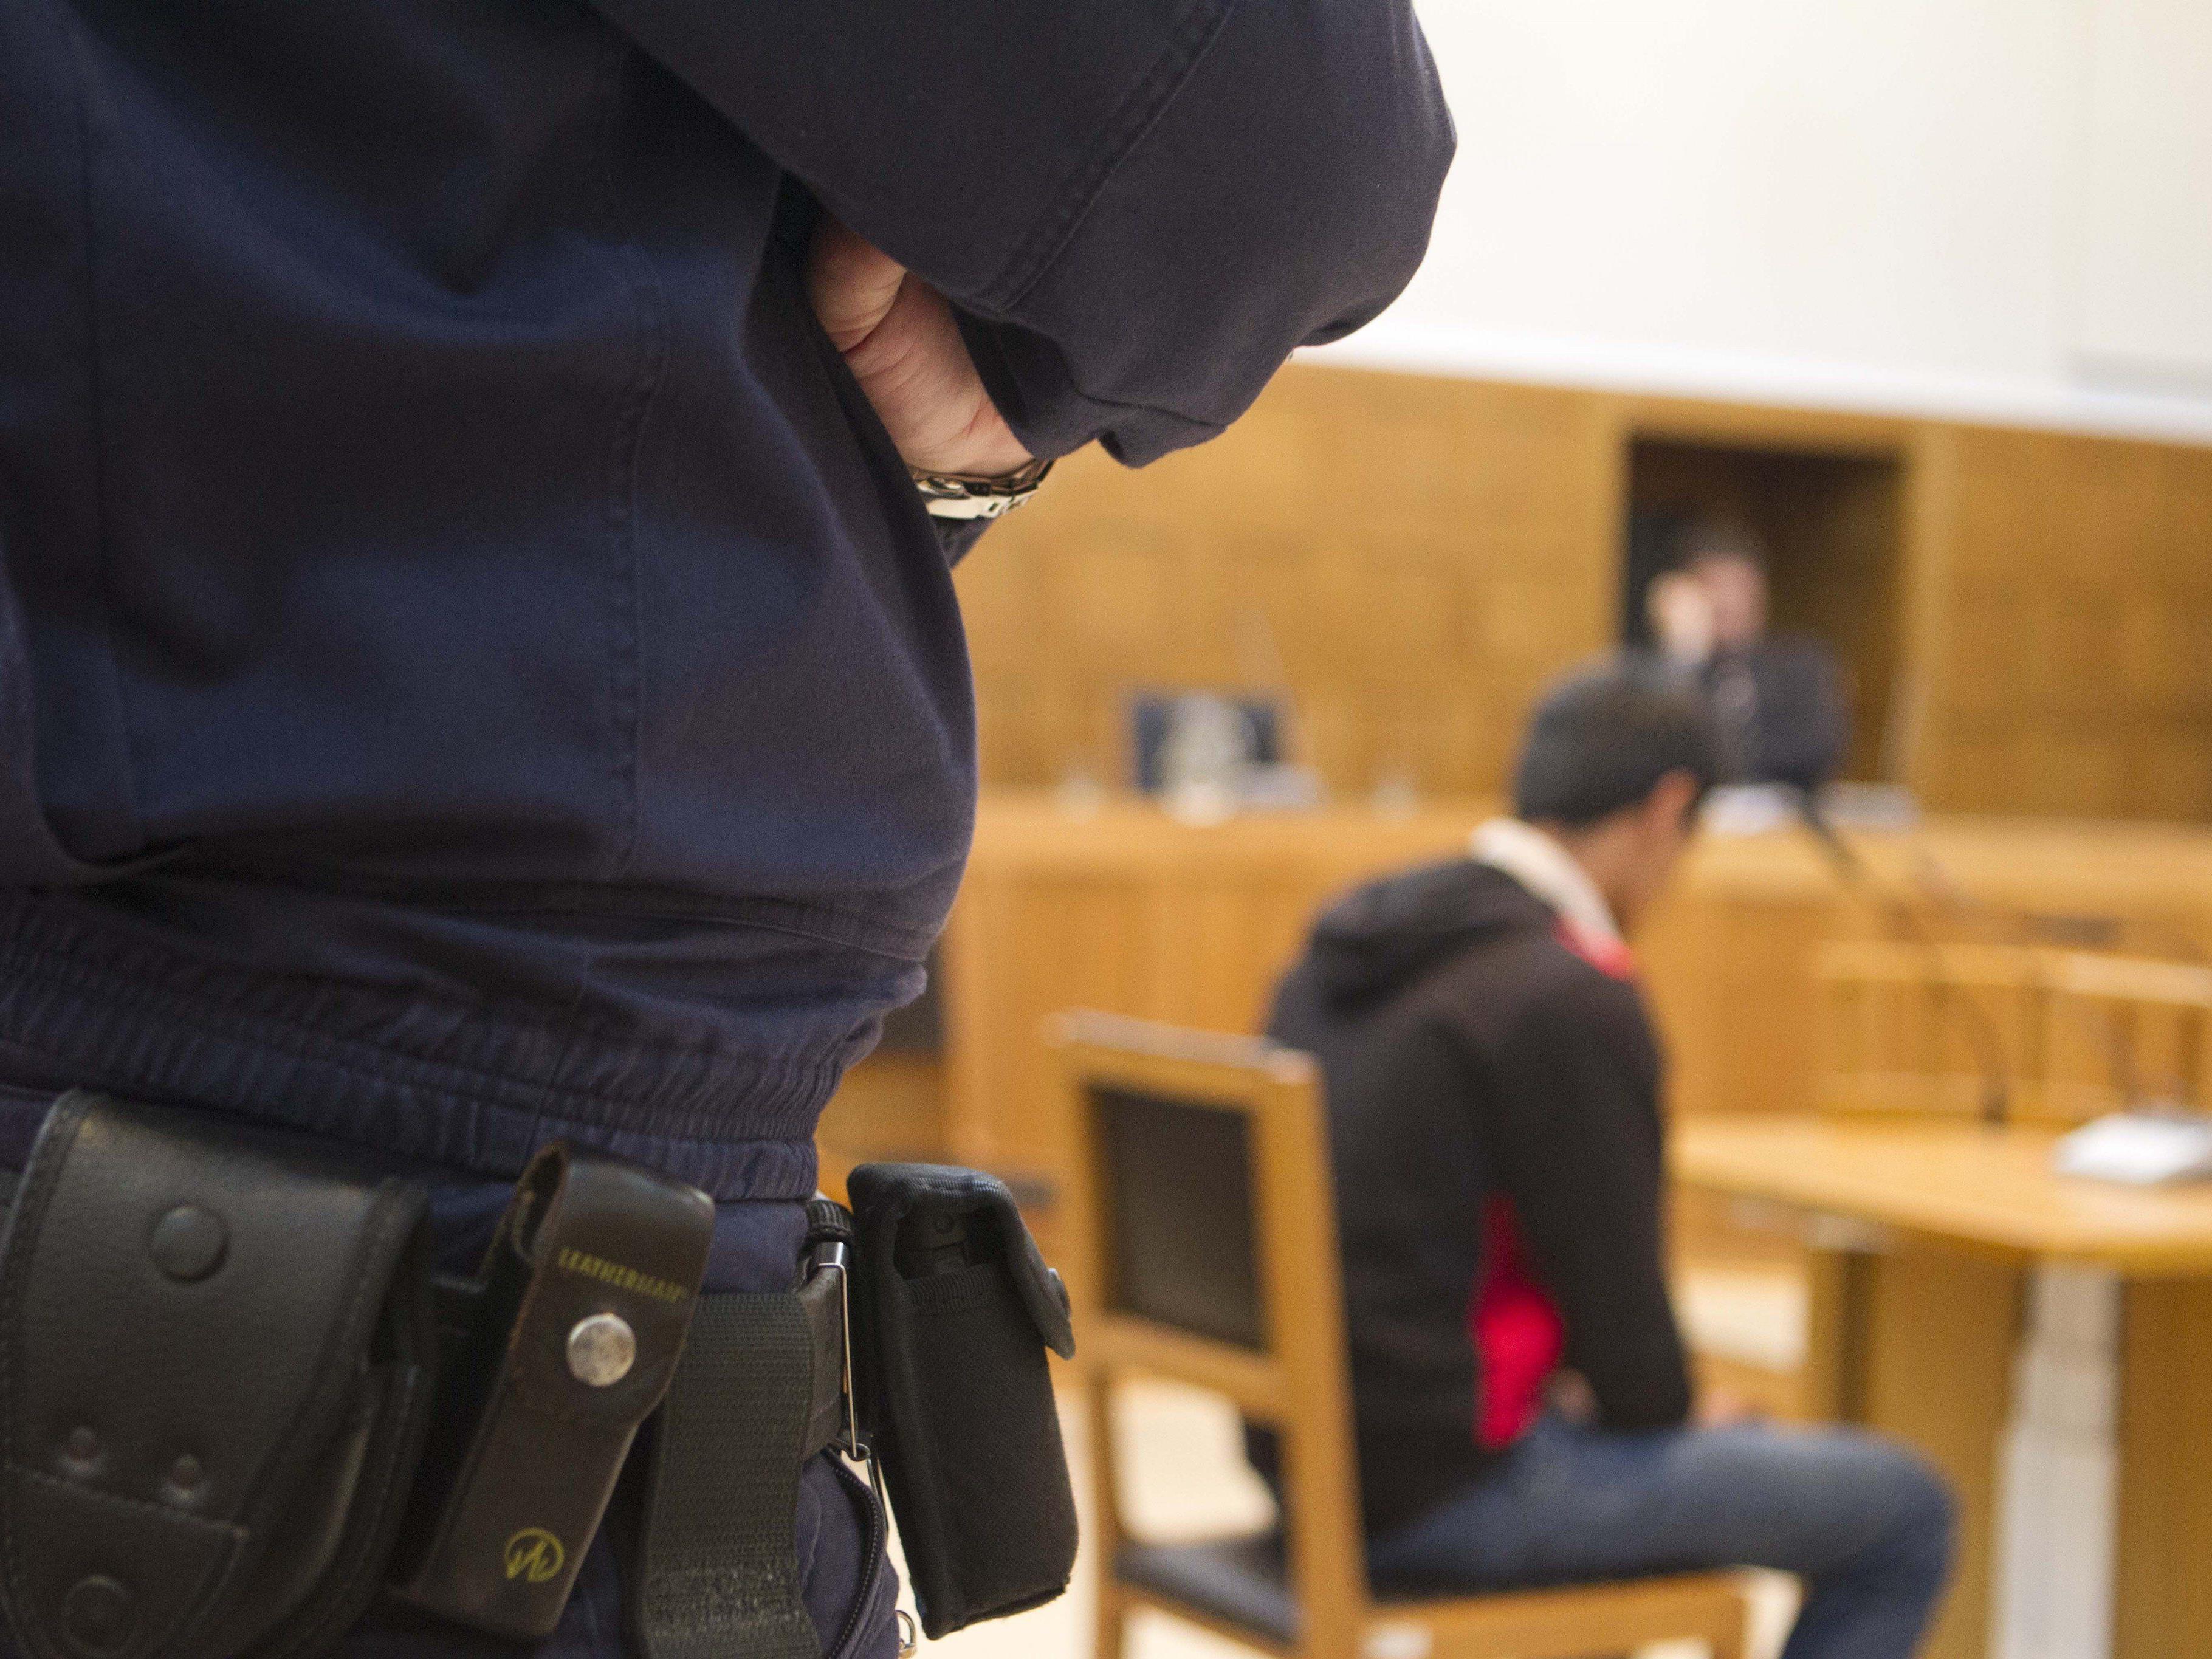 Der 19-jährige Asylwerber musste heute auf der Anklagebank Platz nehmen.